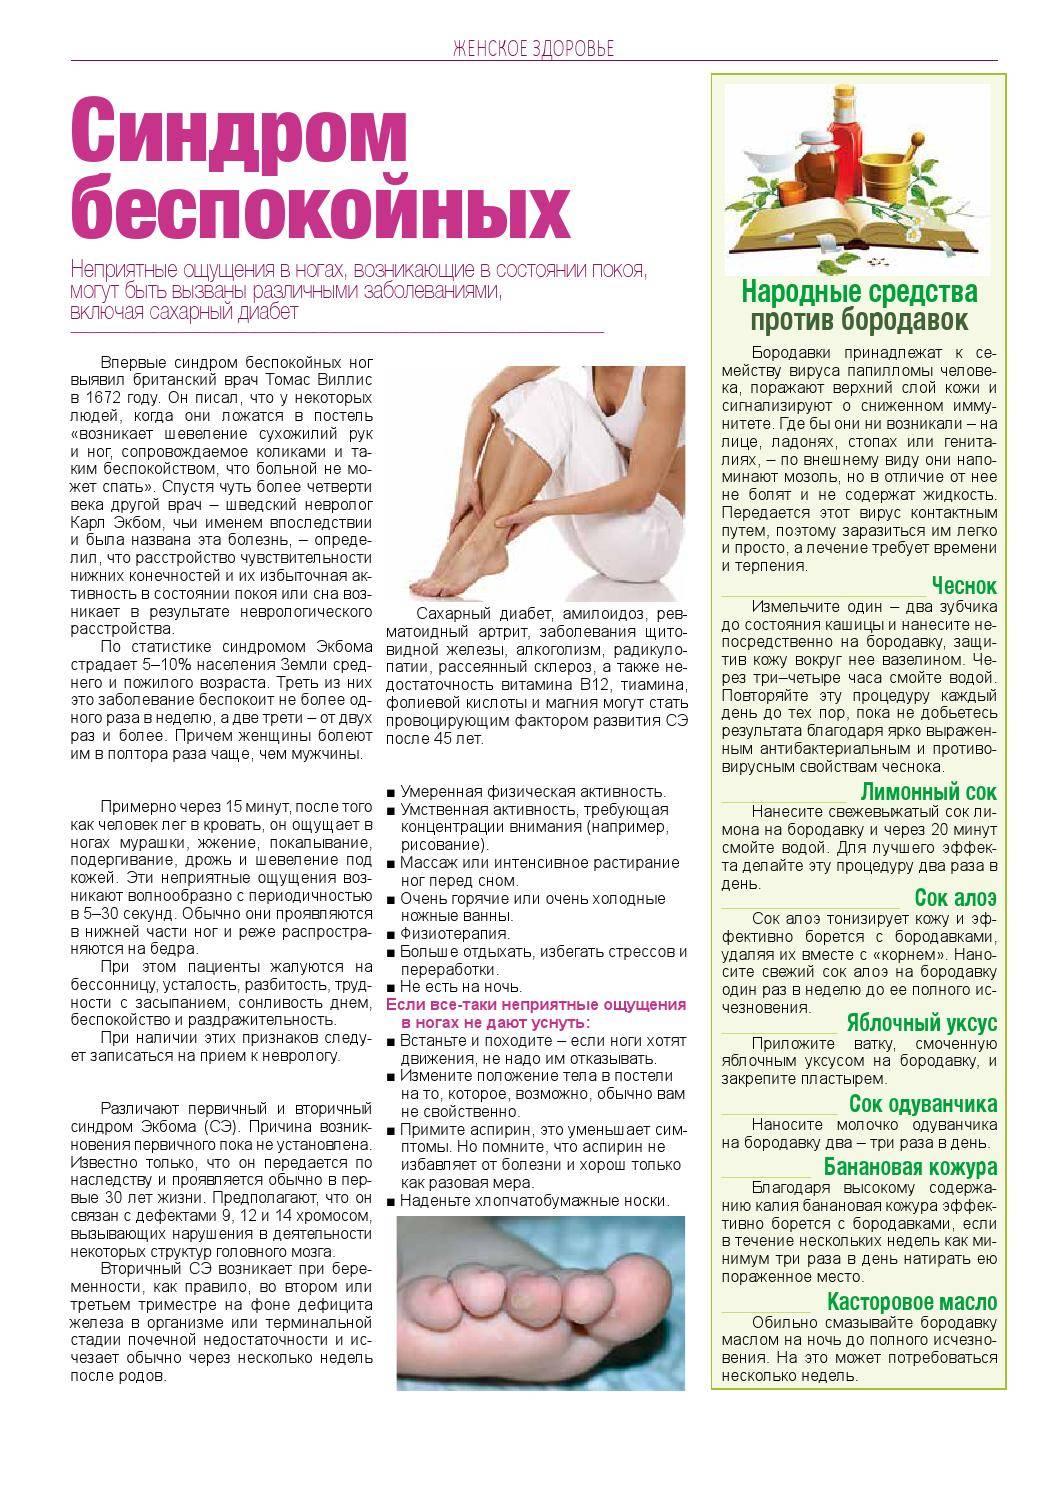 Синдром беспокойных ног: причины и лечение в домашних условиях